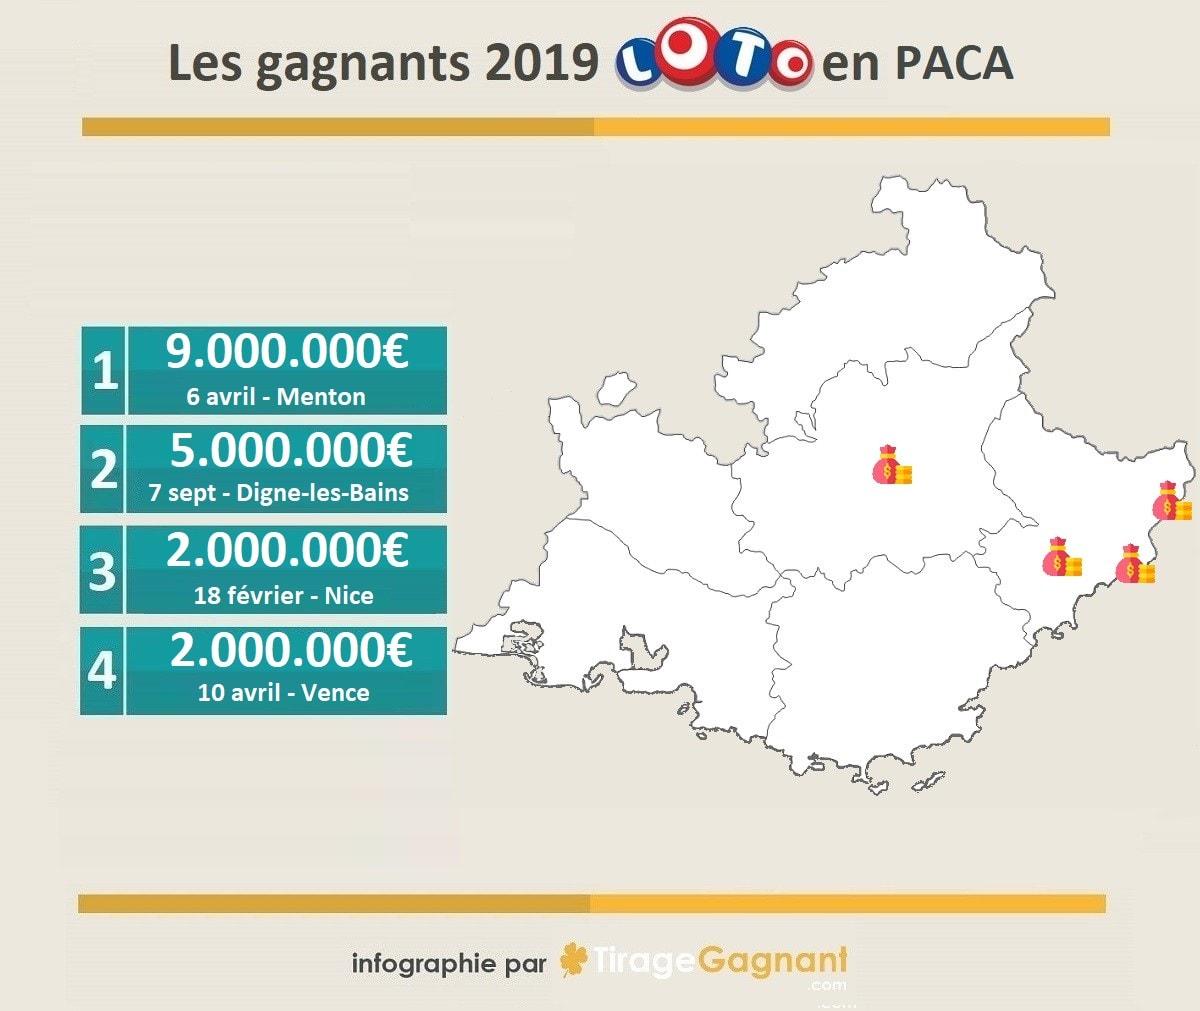 Gagnants Loto 2019 en Provence Alpes Côte d'Azur